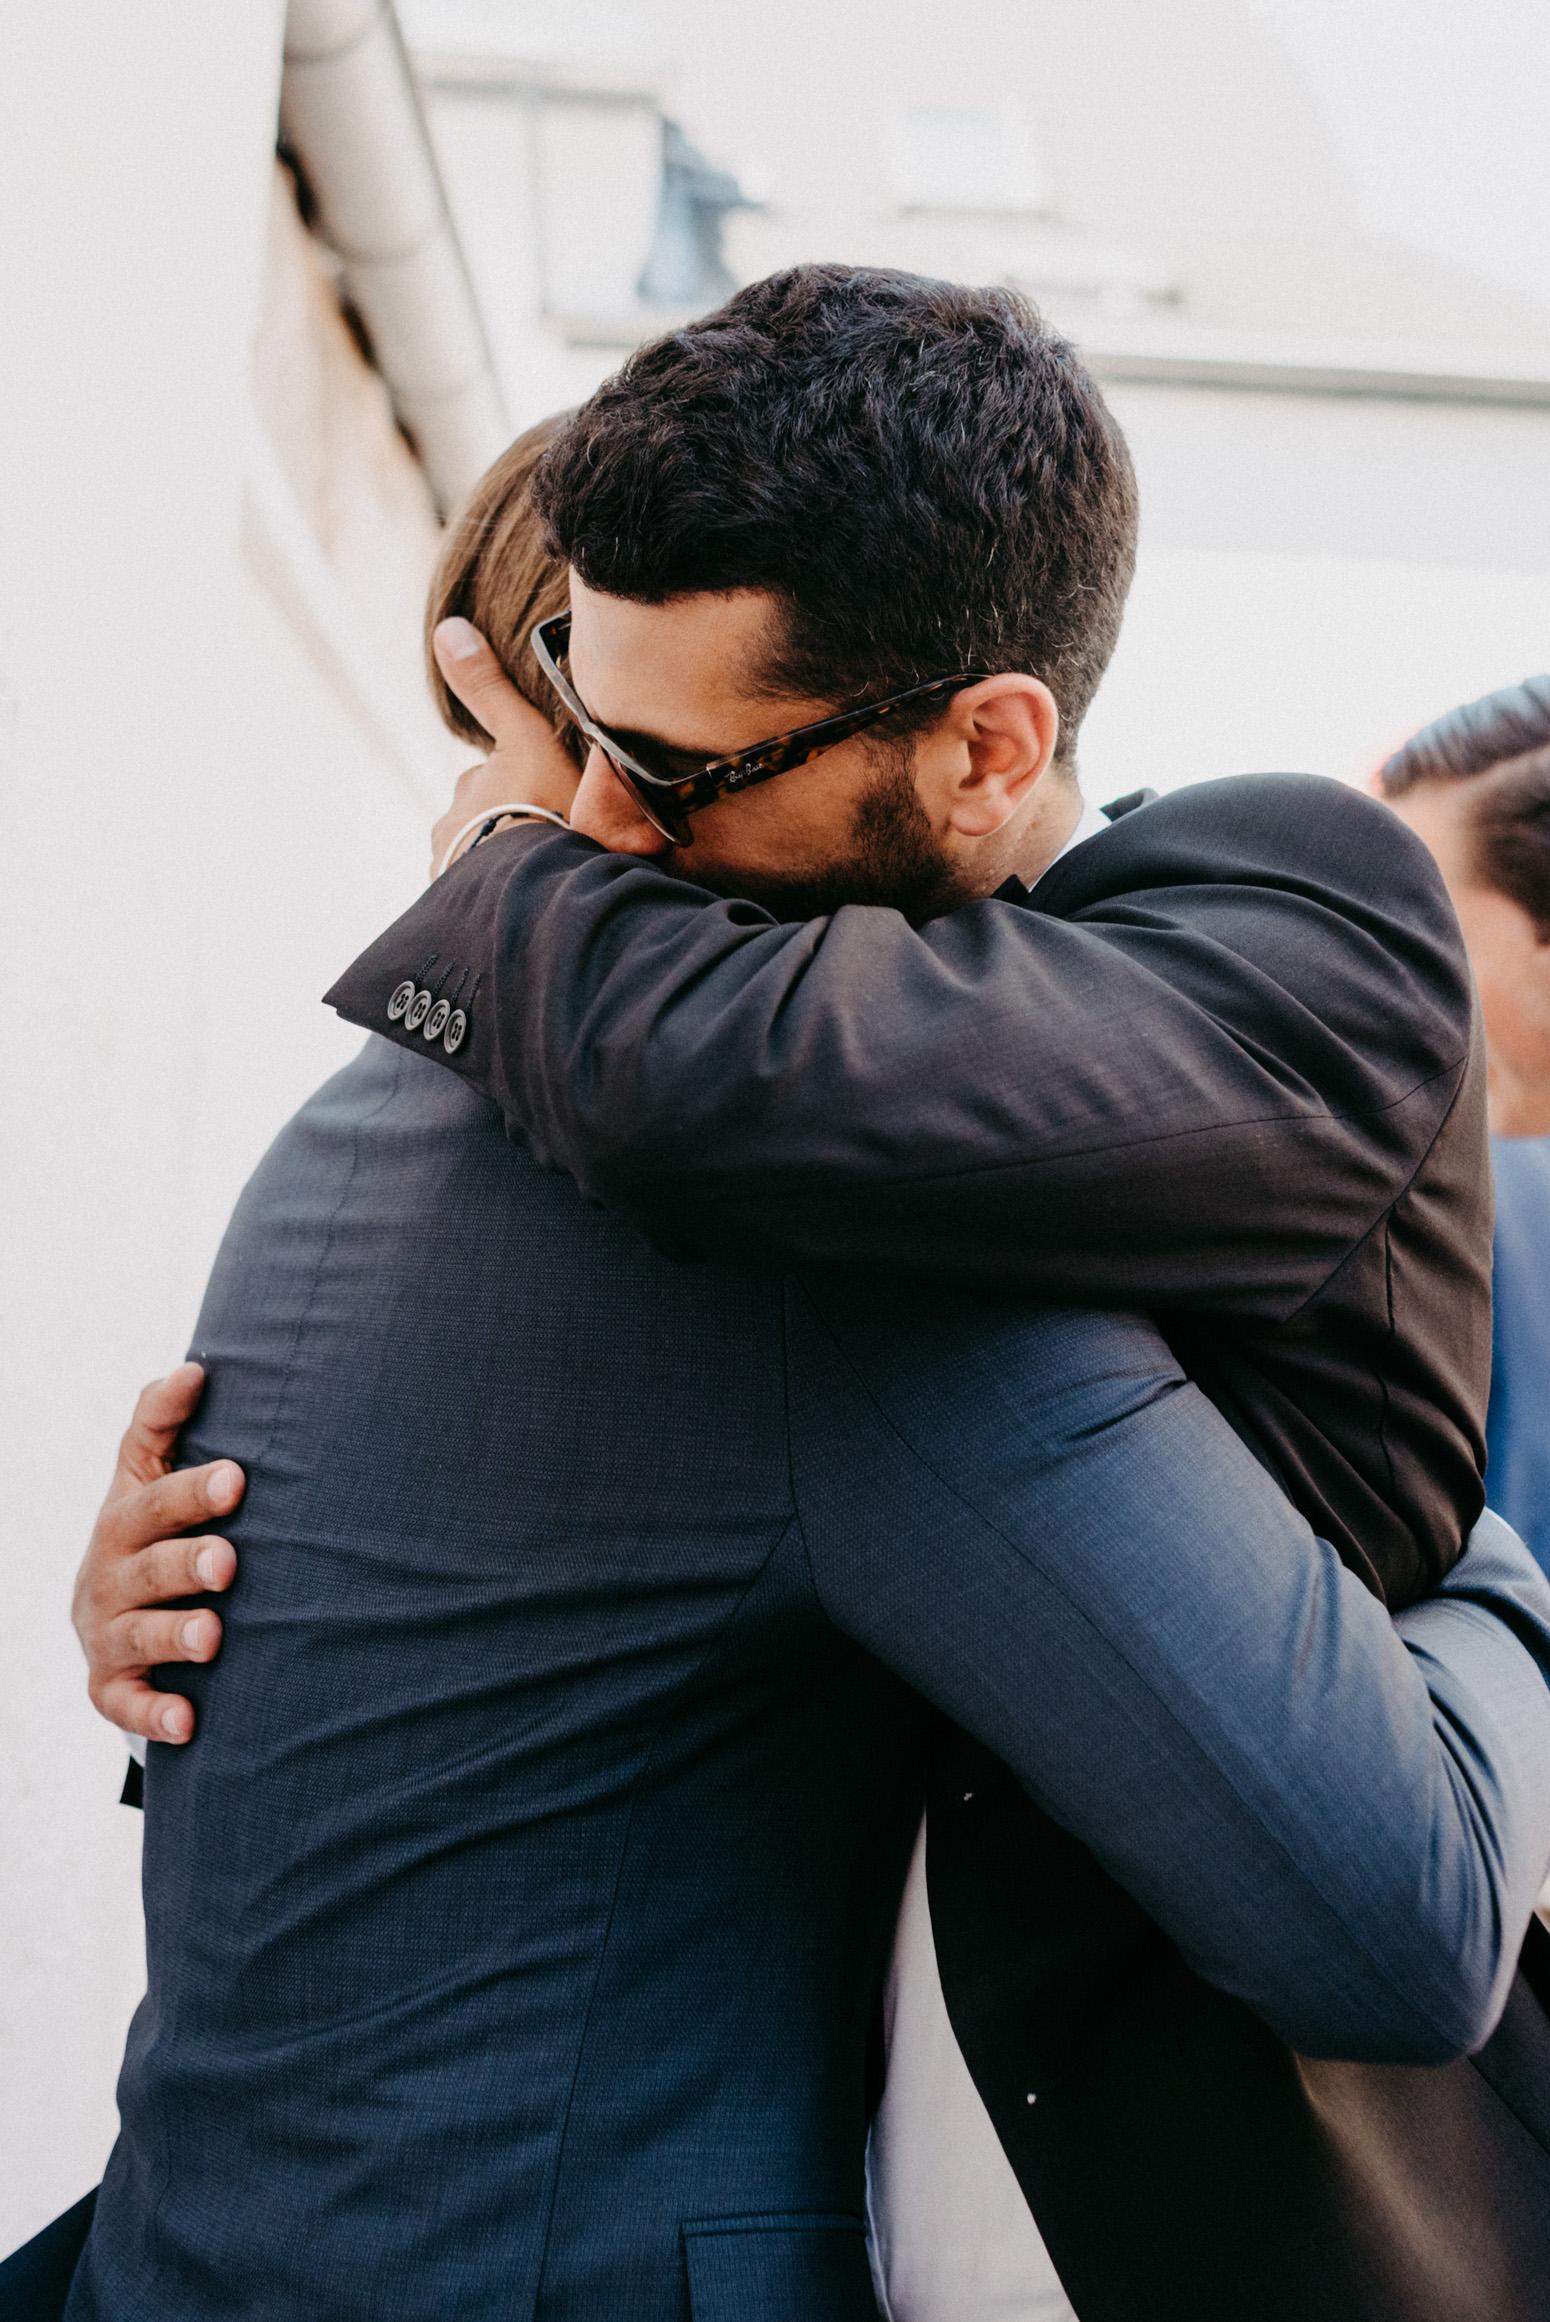 Herzliche Umarmung bei der Gratulation. Hochzeitsfotografin Daria Becker von Genuine Bonds aus Bonn